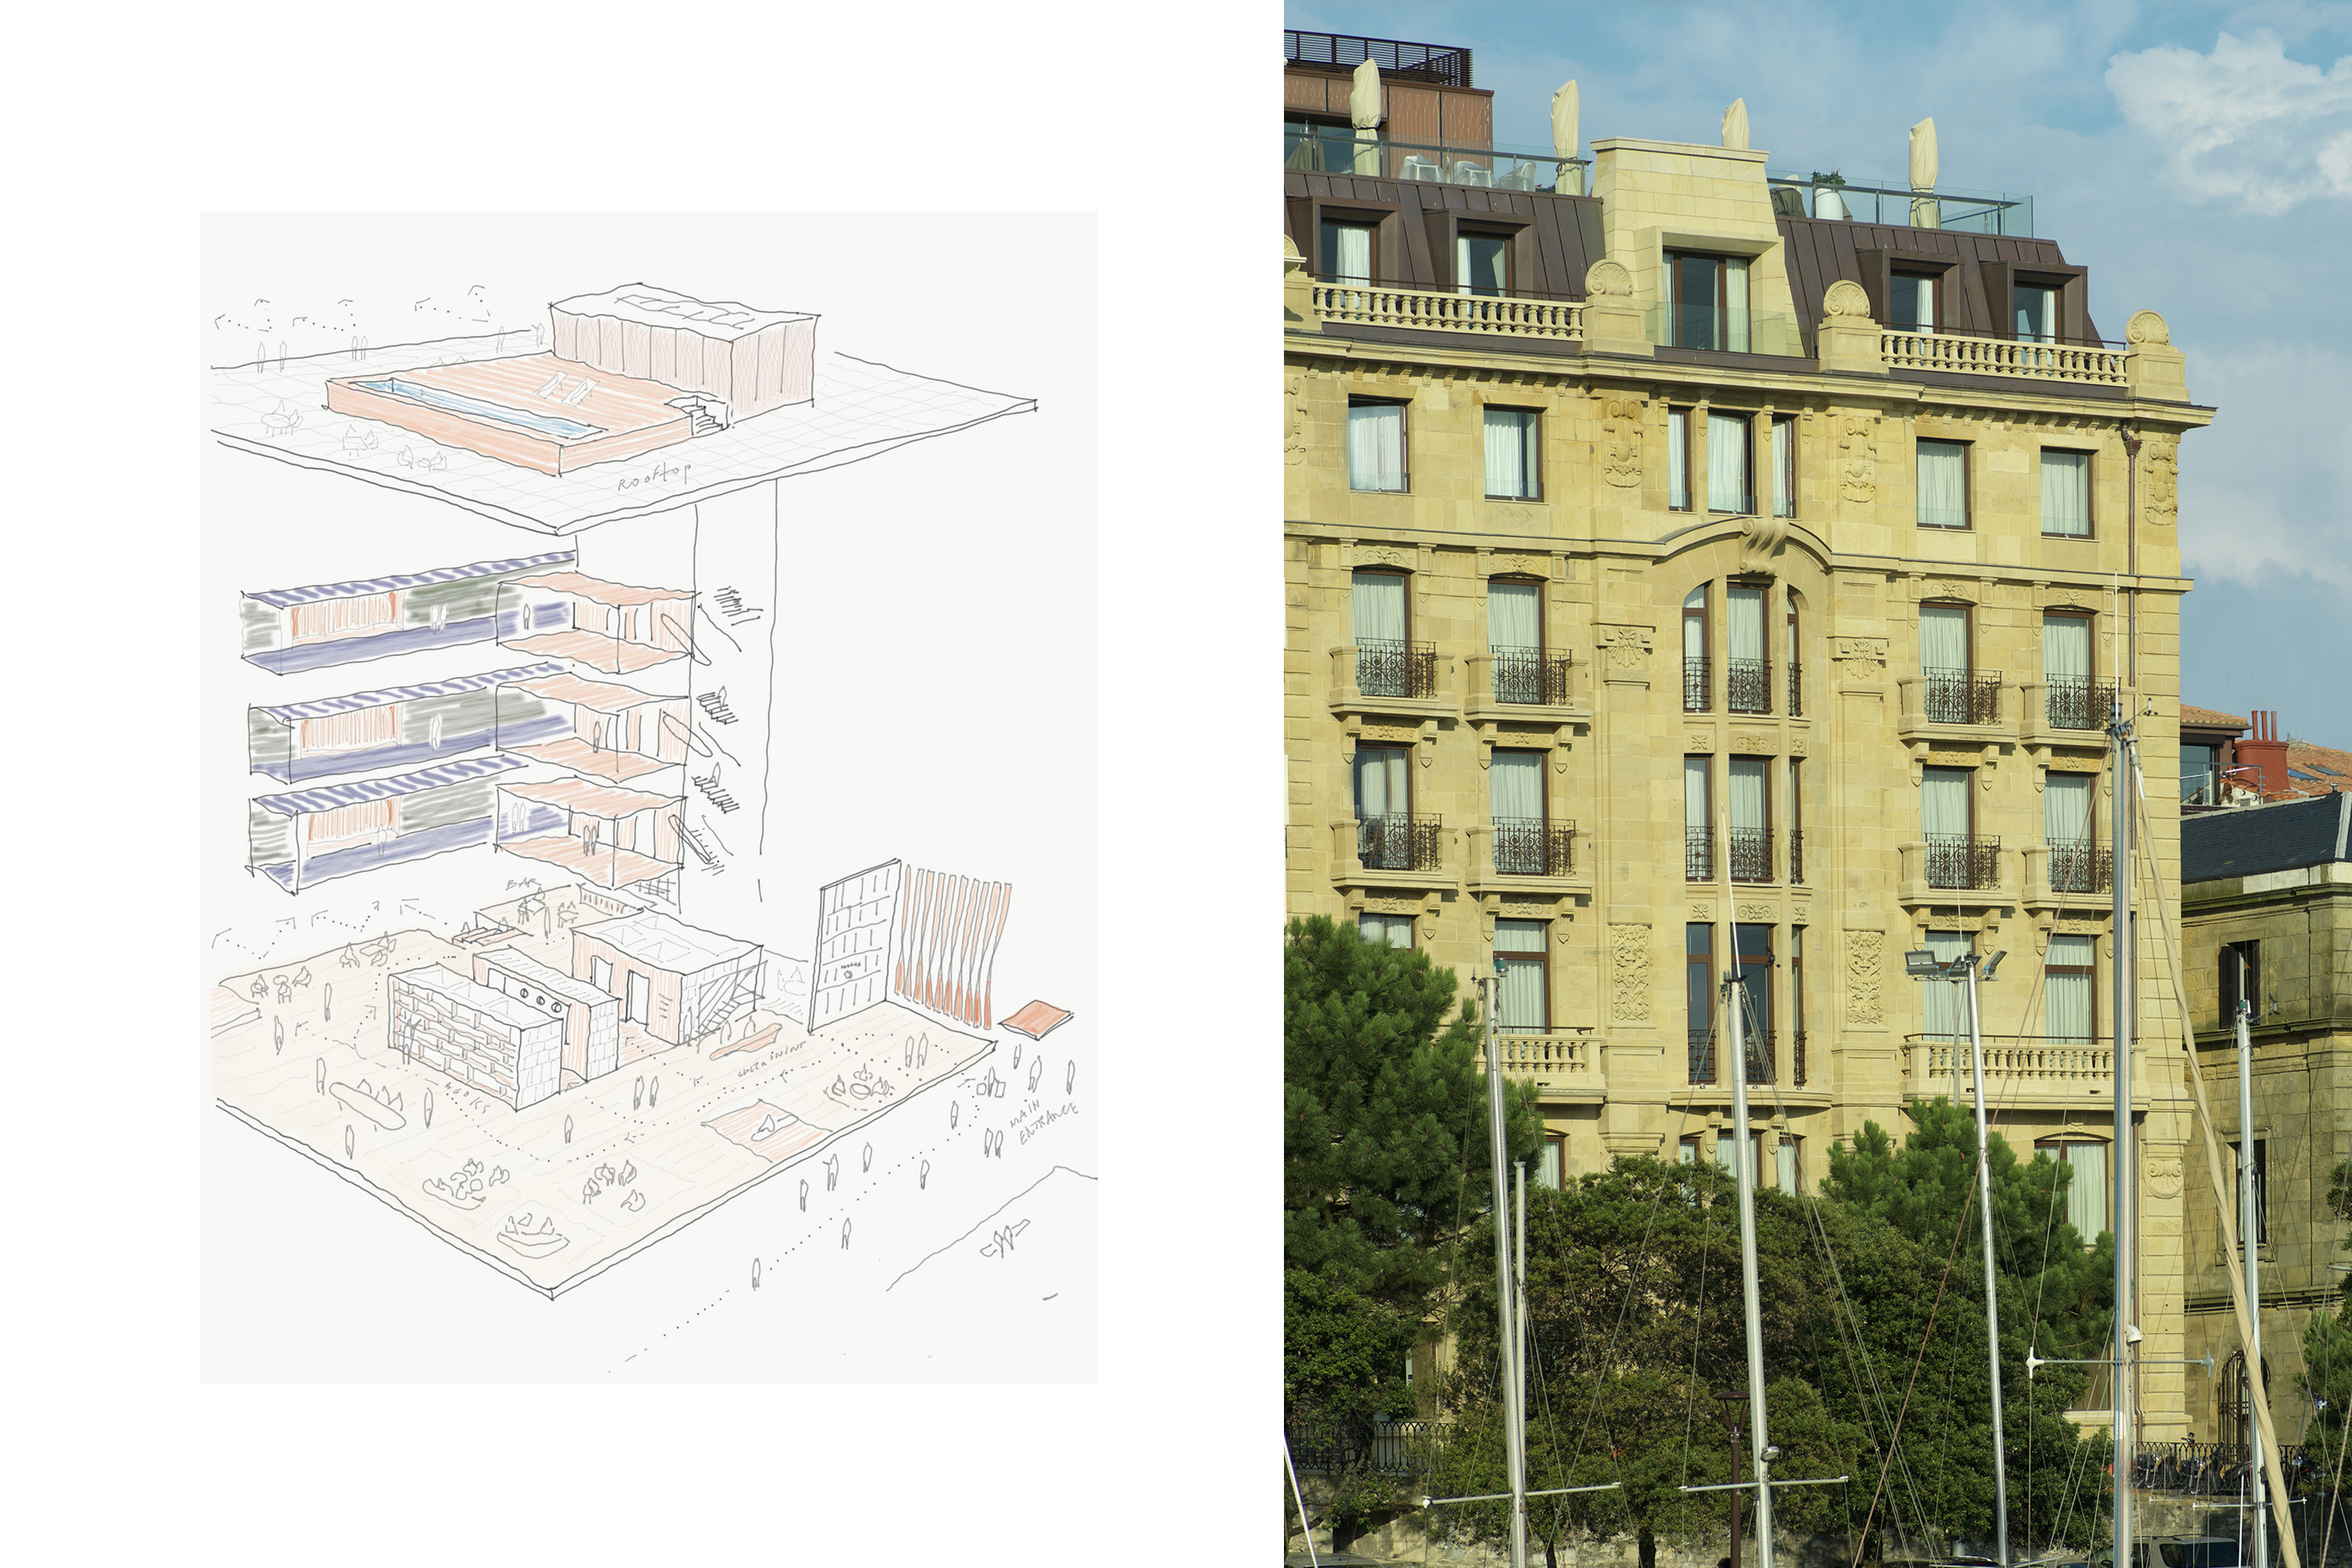 Boutique Hotel in San Sebastian zU-studio architecture Amsterdam5